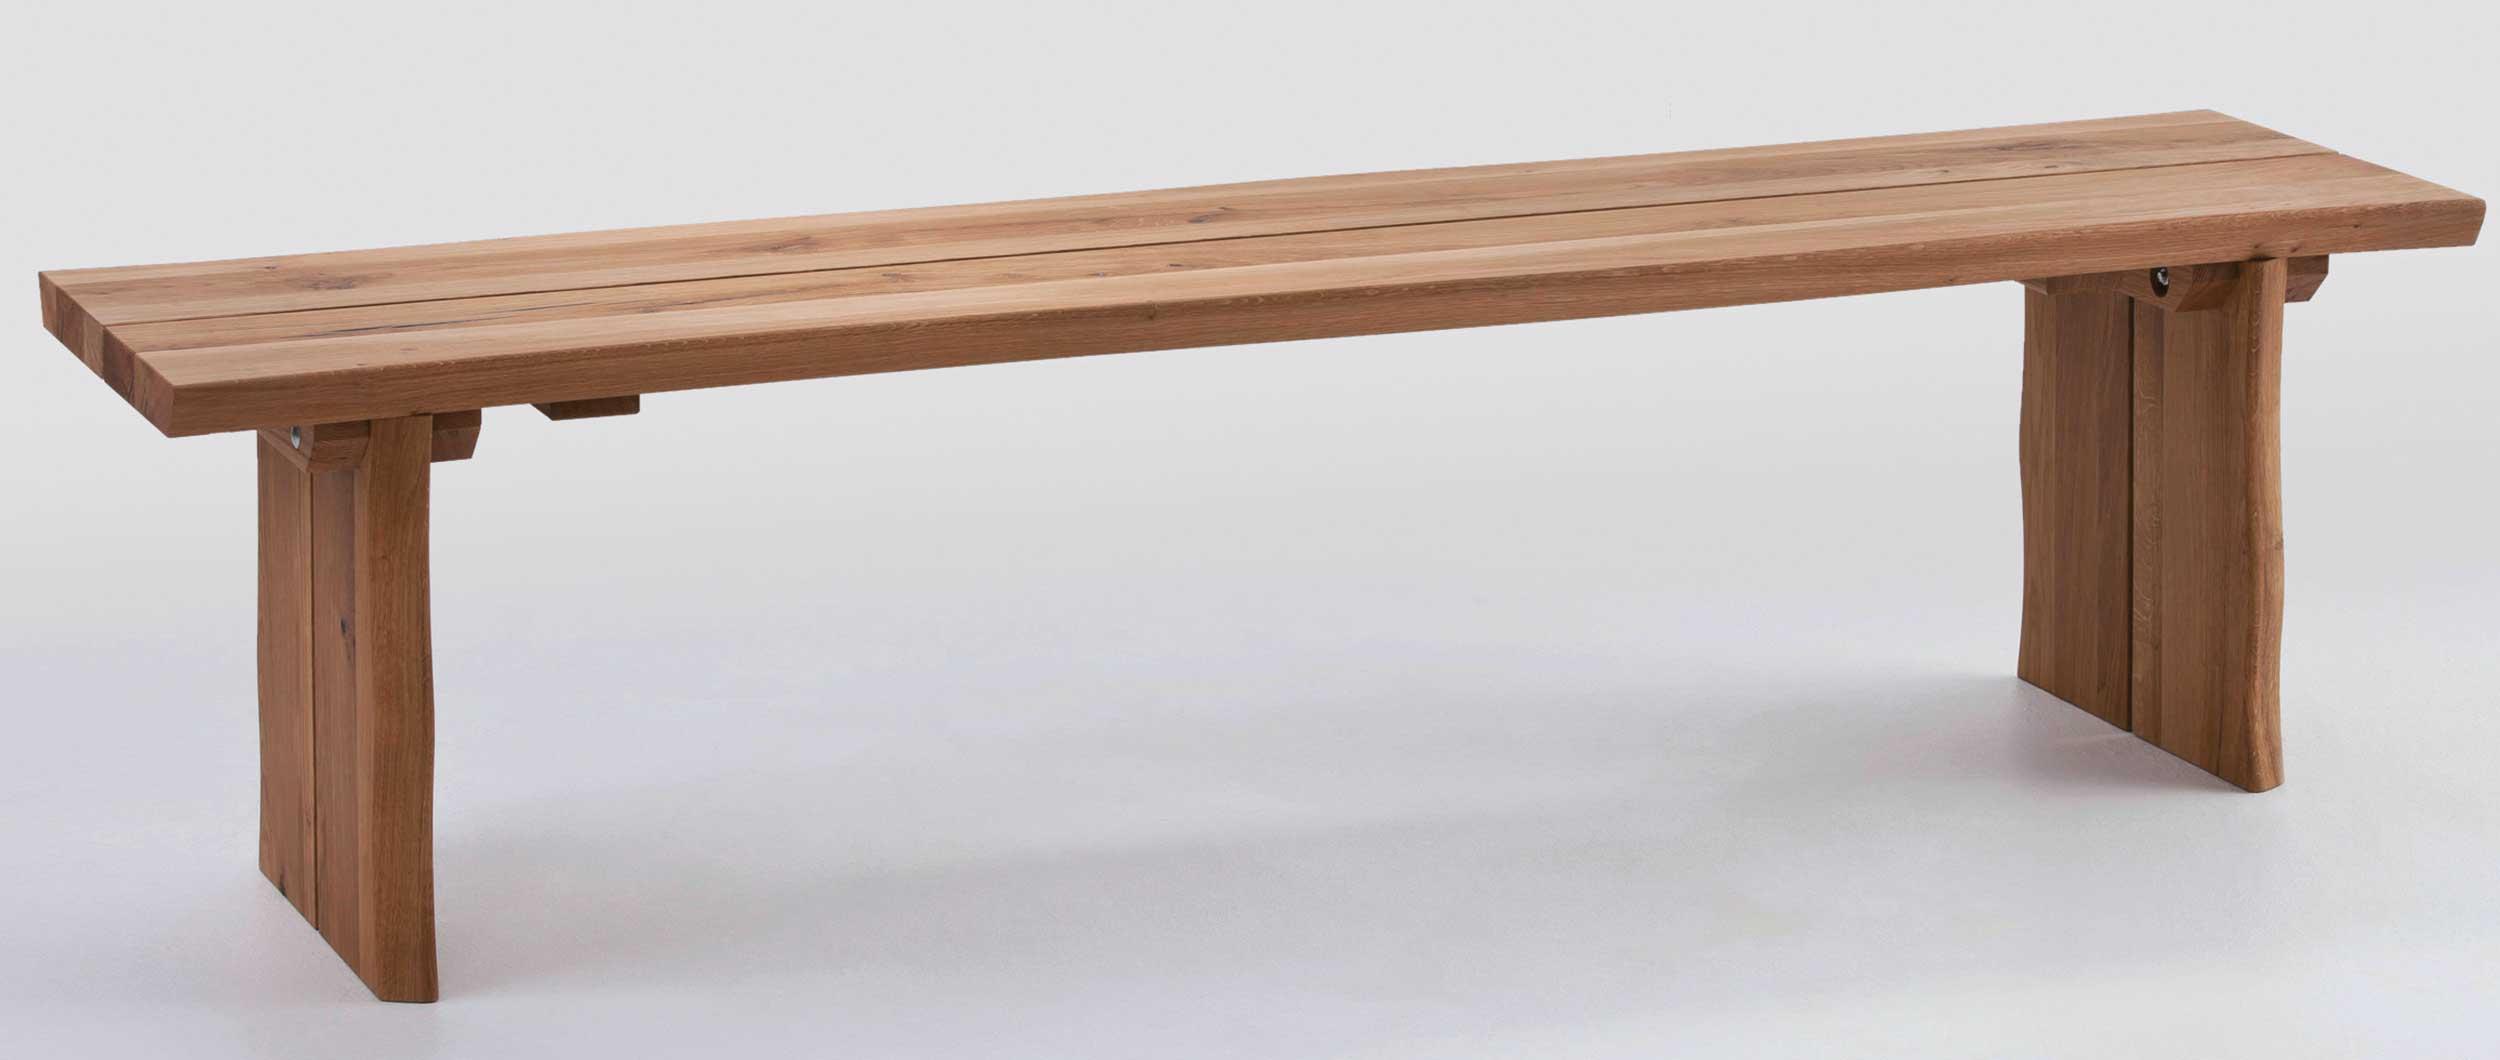 Schösswender Oviedo Sitzbank wildeiche mit Baumkante